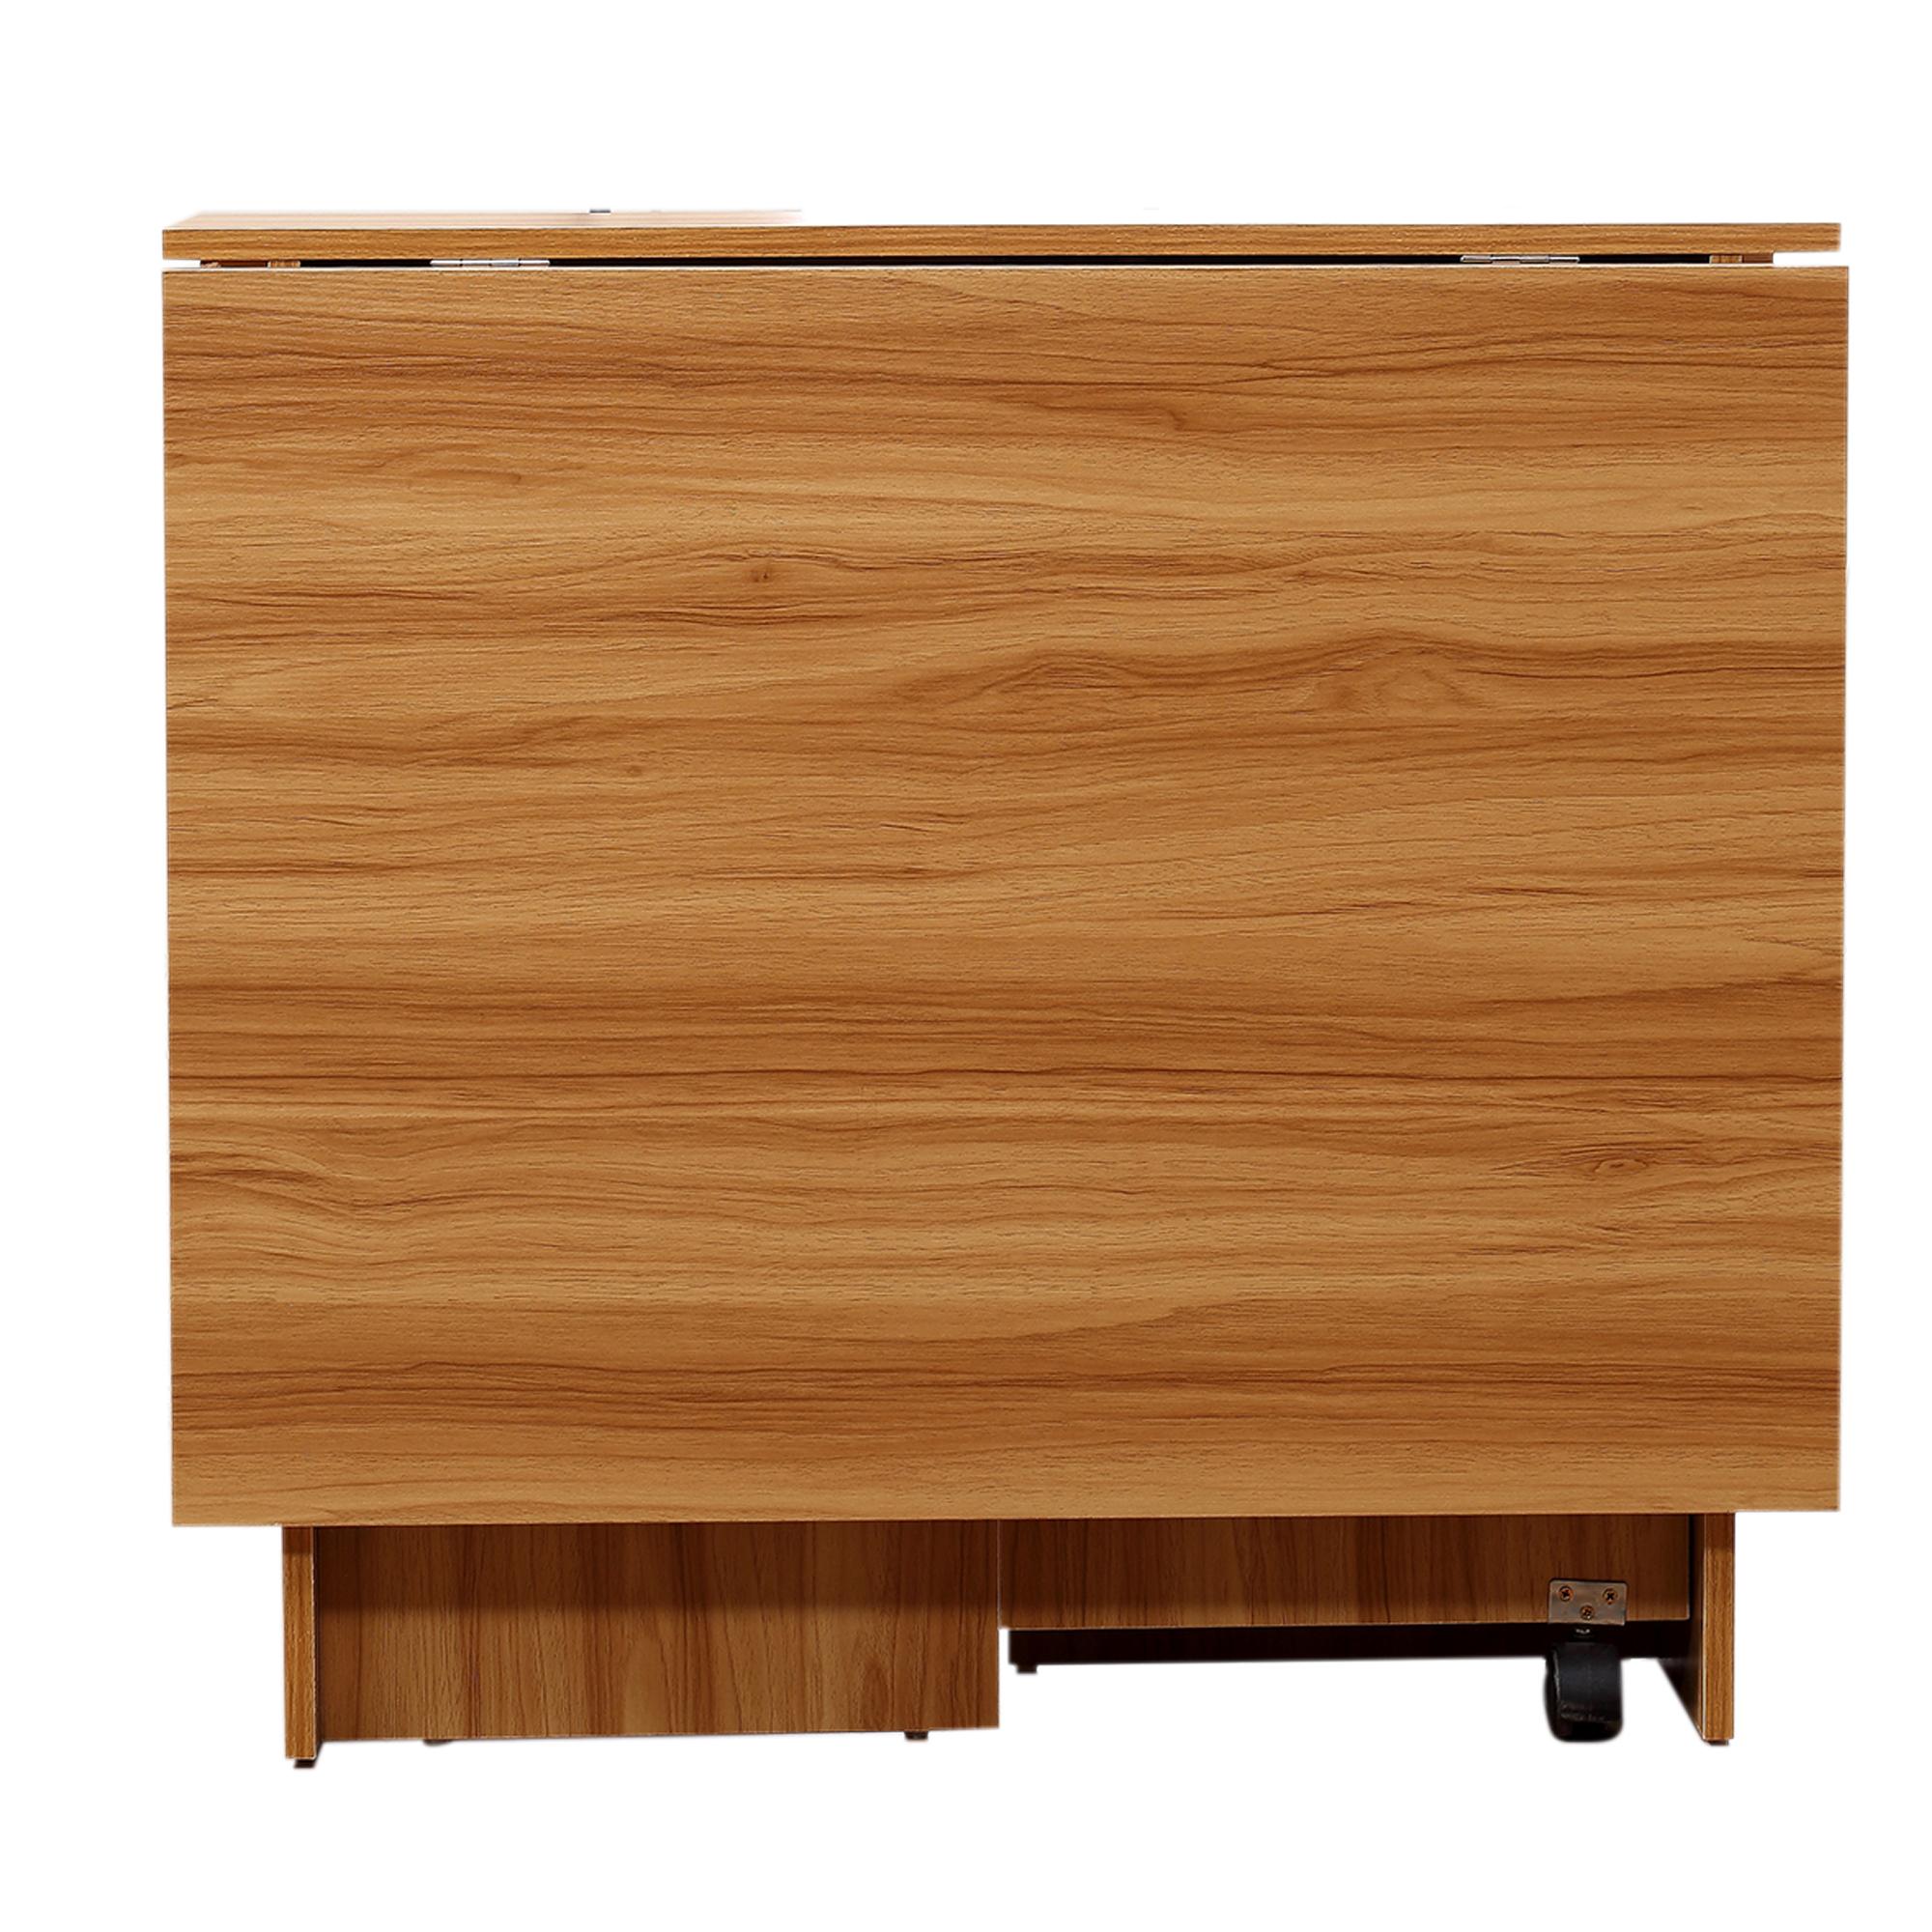 Mesa Plegable con Ruedas Estante Multifuncional para Comedor